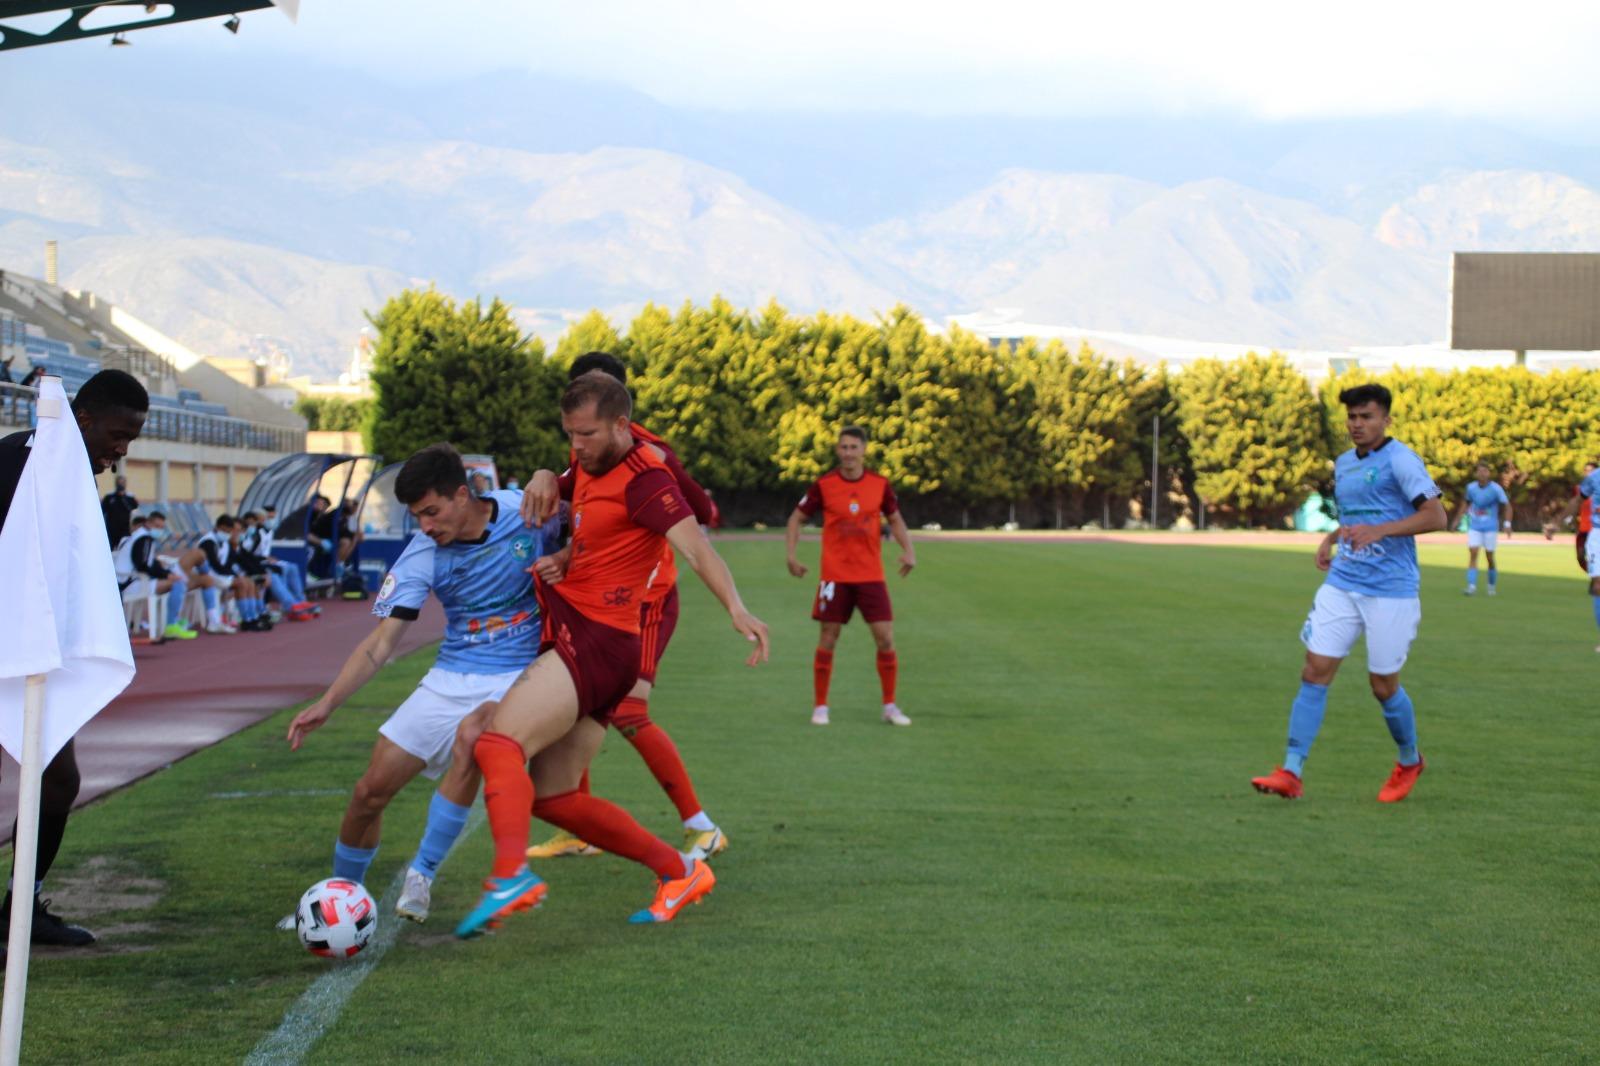 CD El Ejido 2012 vs Recreativo de Huelva 2